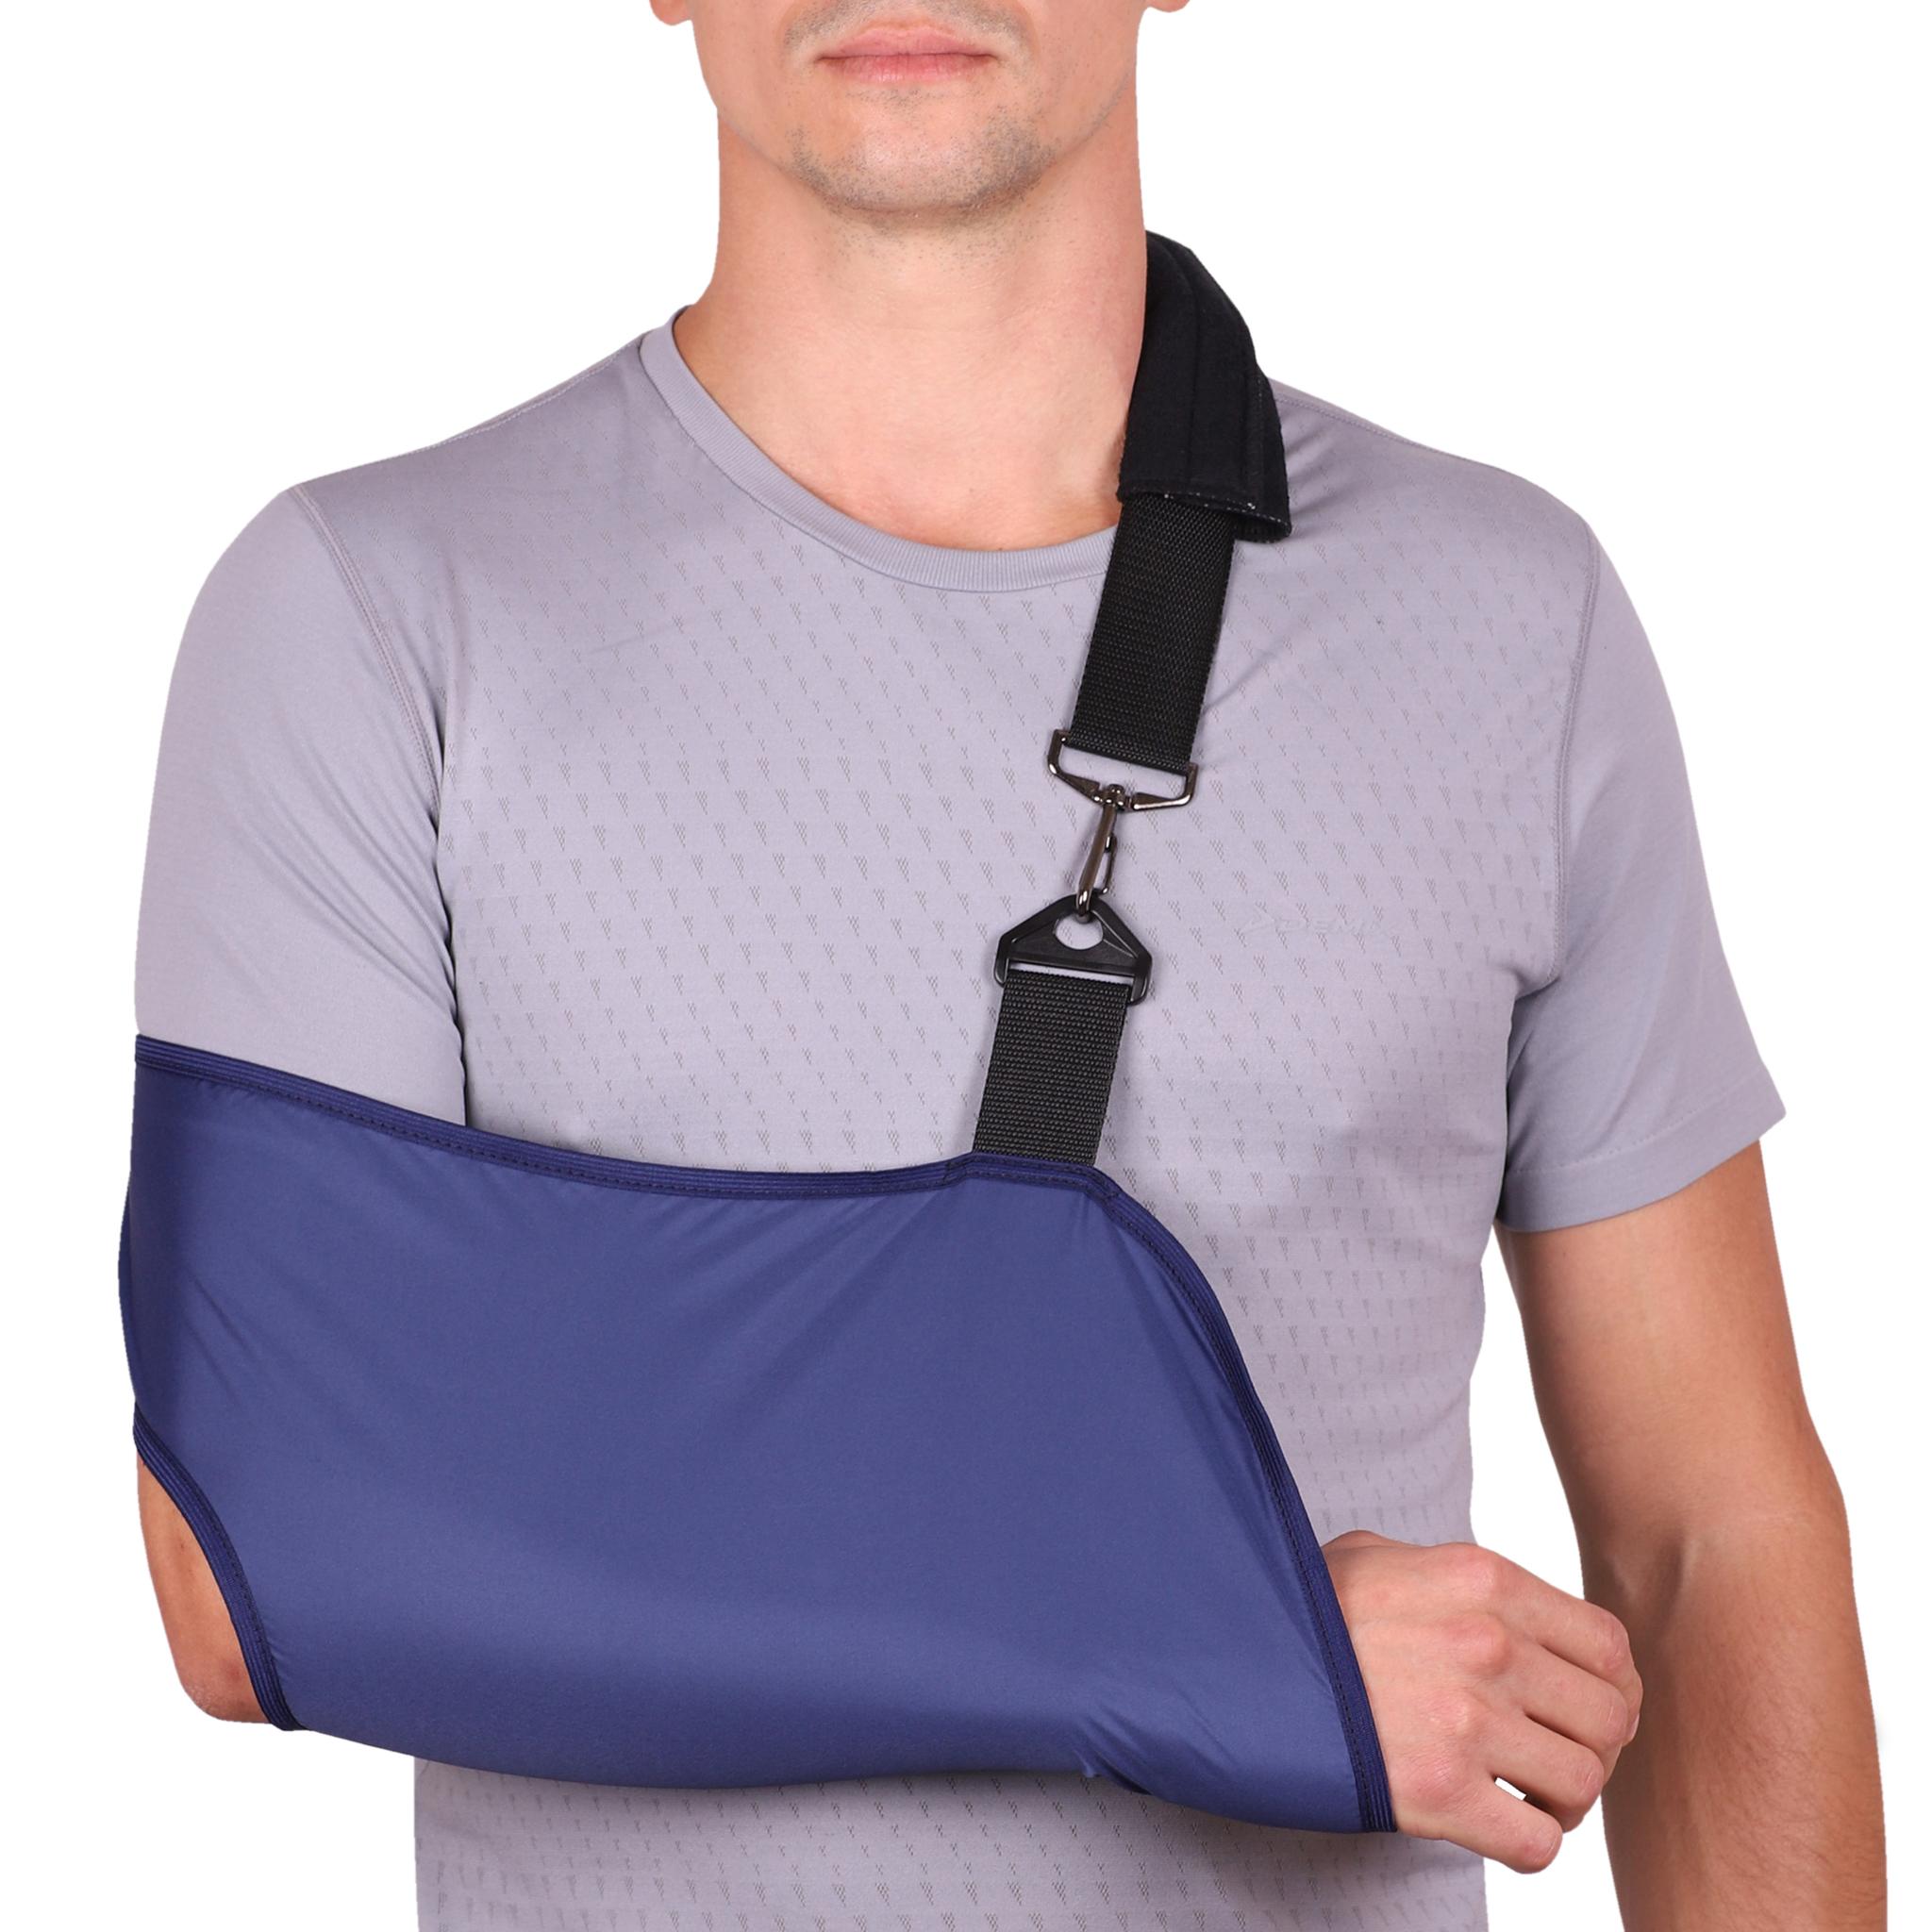 Бандаж на плечевой сустав пылезащитный